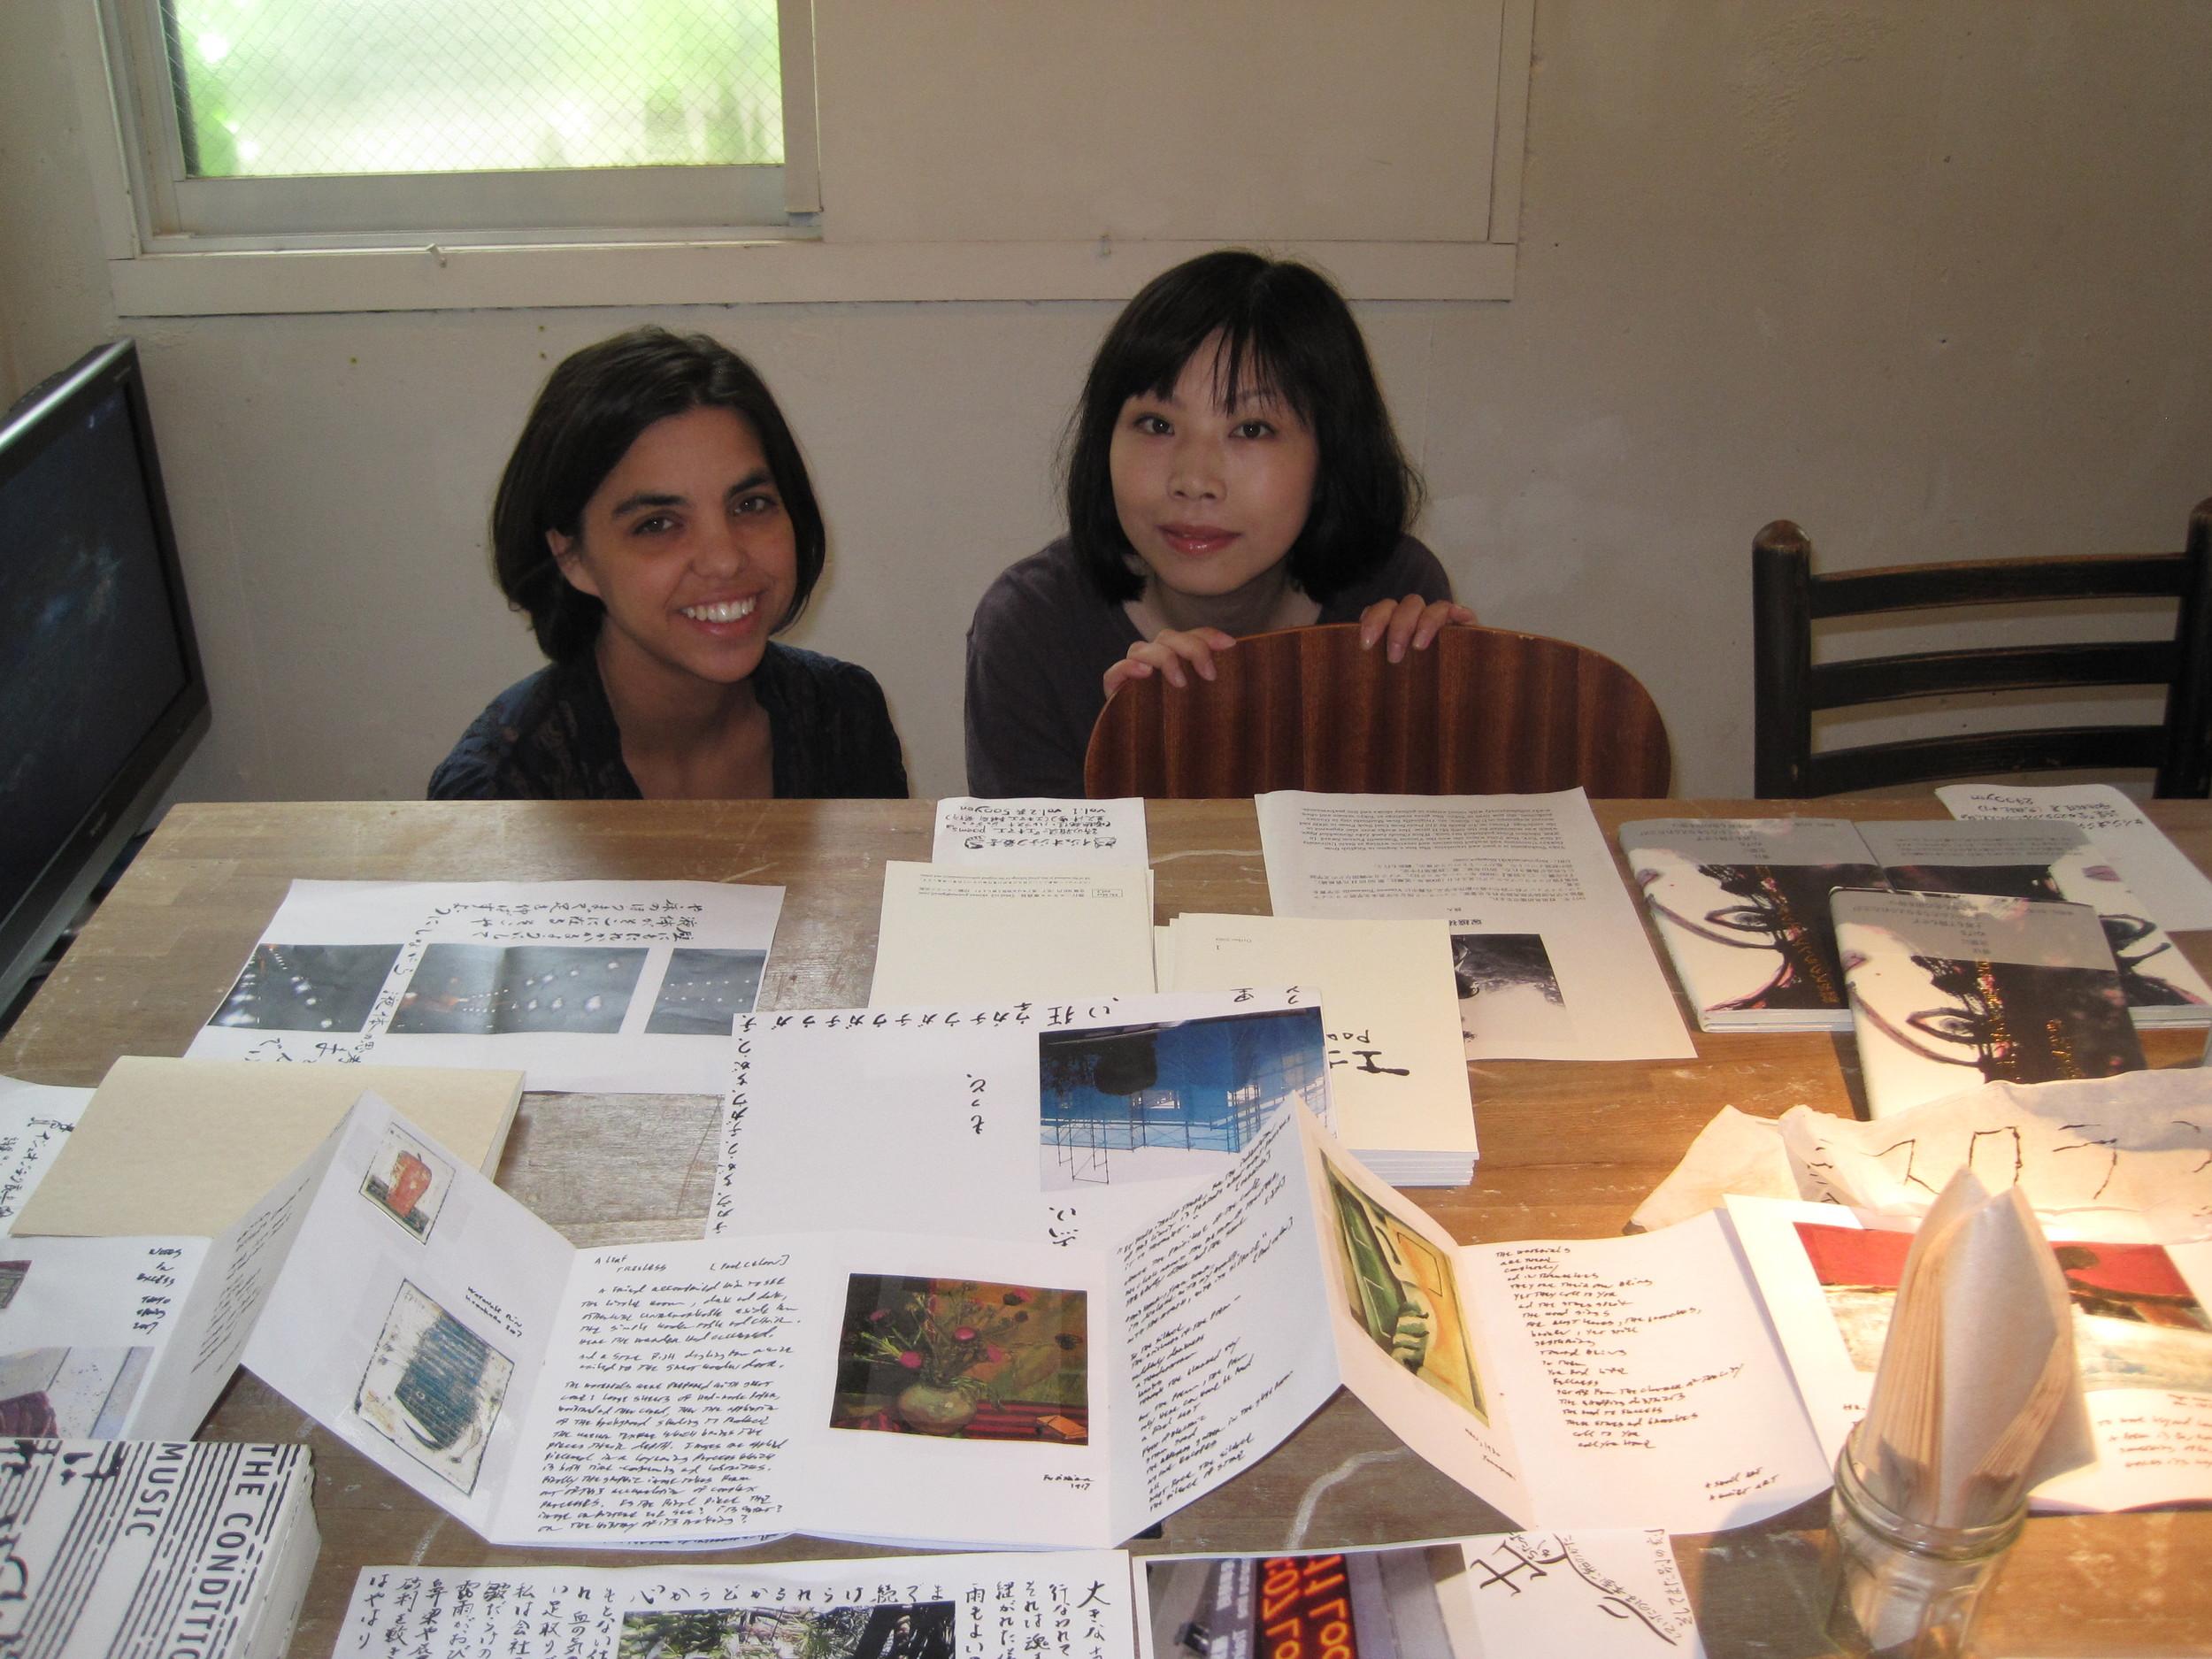 Yuka Tsukagoshi and Judy Halebsky at Kichijoji Gallery show in Tokyo